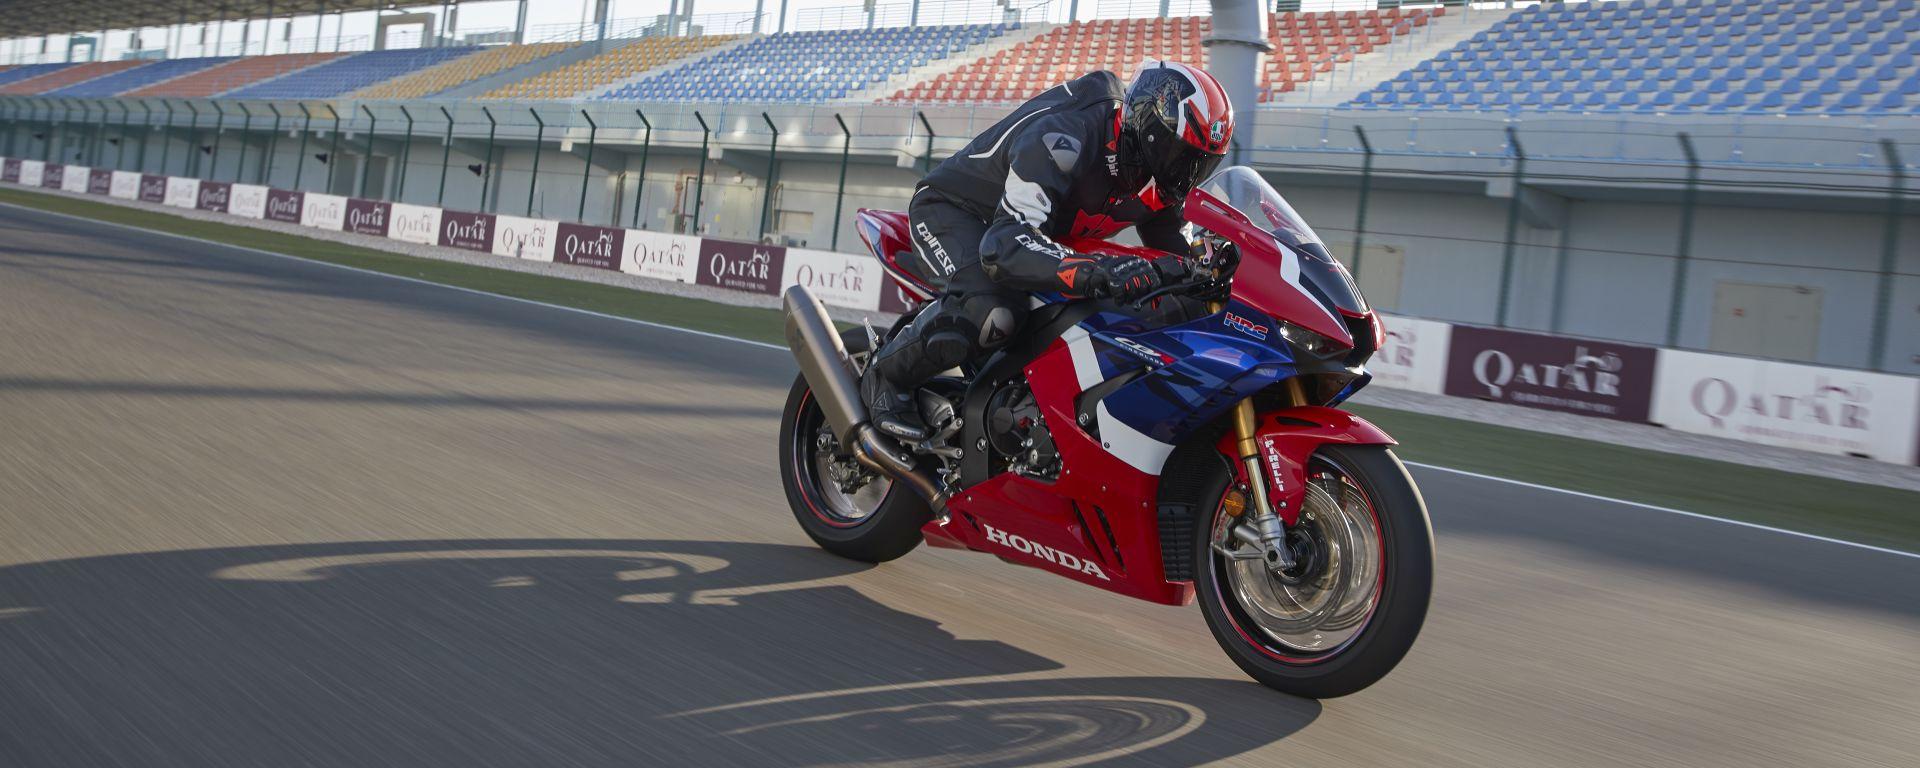 Honda CBR 1000 RR-R Fireblade 2020: la prova in pista